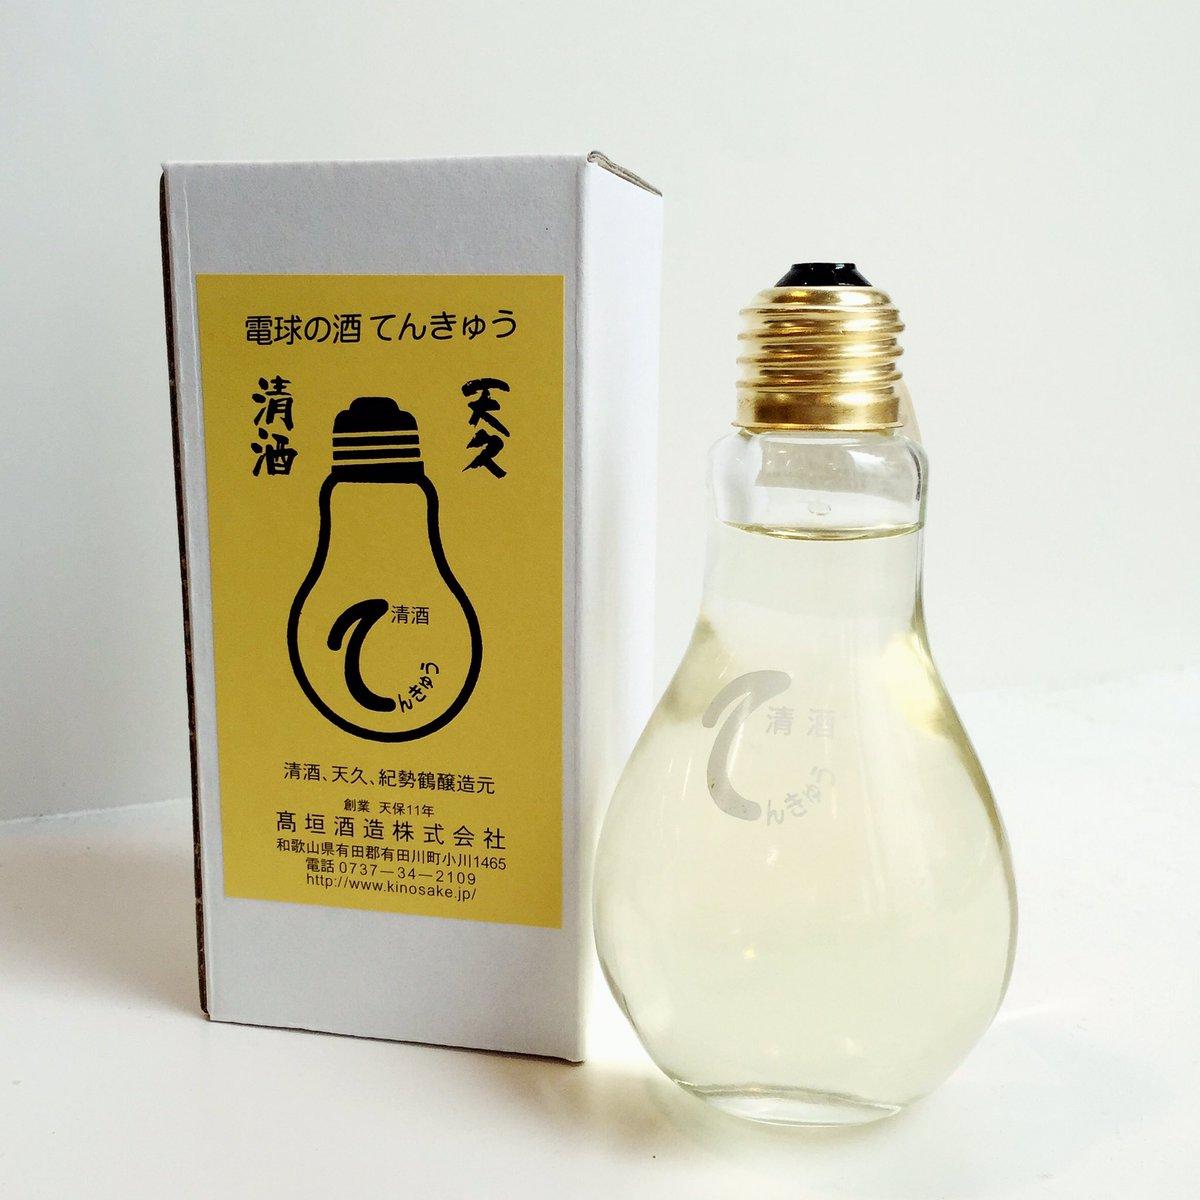 電球のお酒「てんきゅう」。和歌山帰りのスタッフにもらったんだけど面白いな。これは買いたくなる https://t.co/TsgIc6R4sA